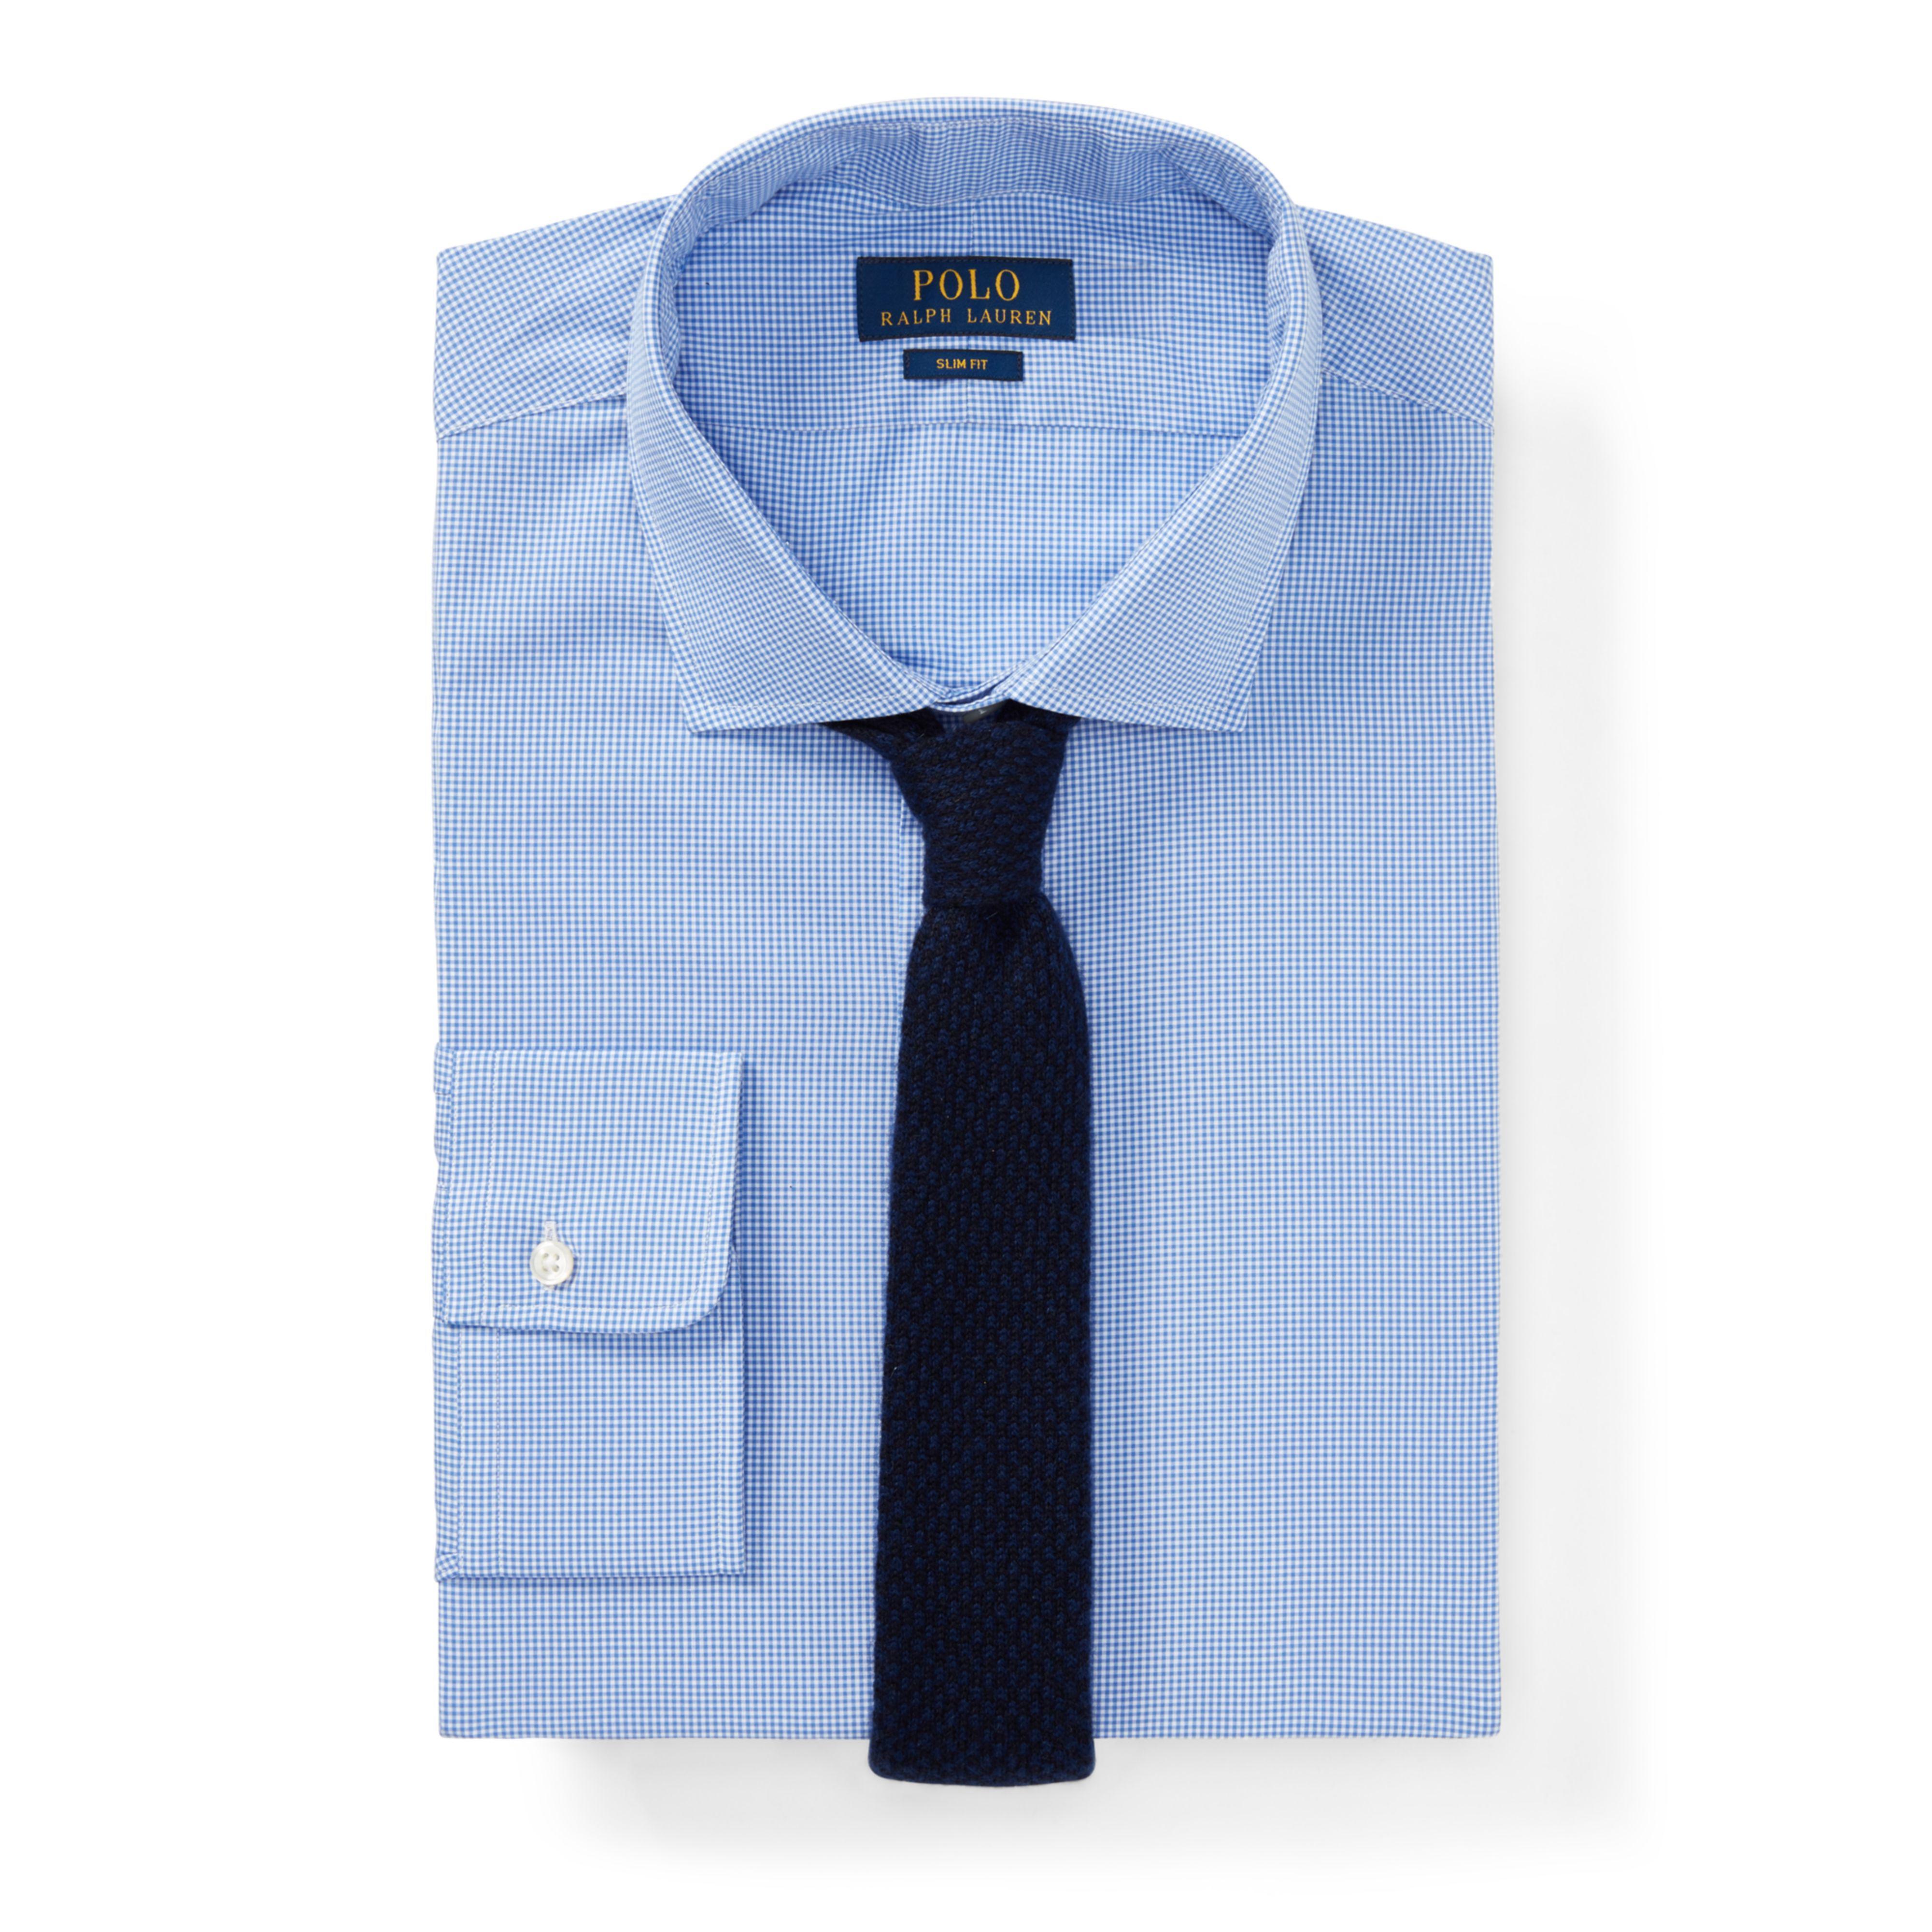 Polo Ralph Lauren. Men's Blue Slim Fit Cotton Dress Shirt